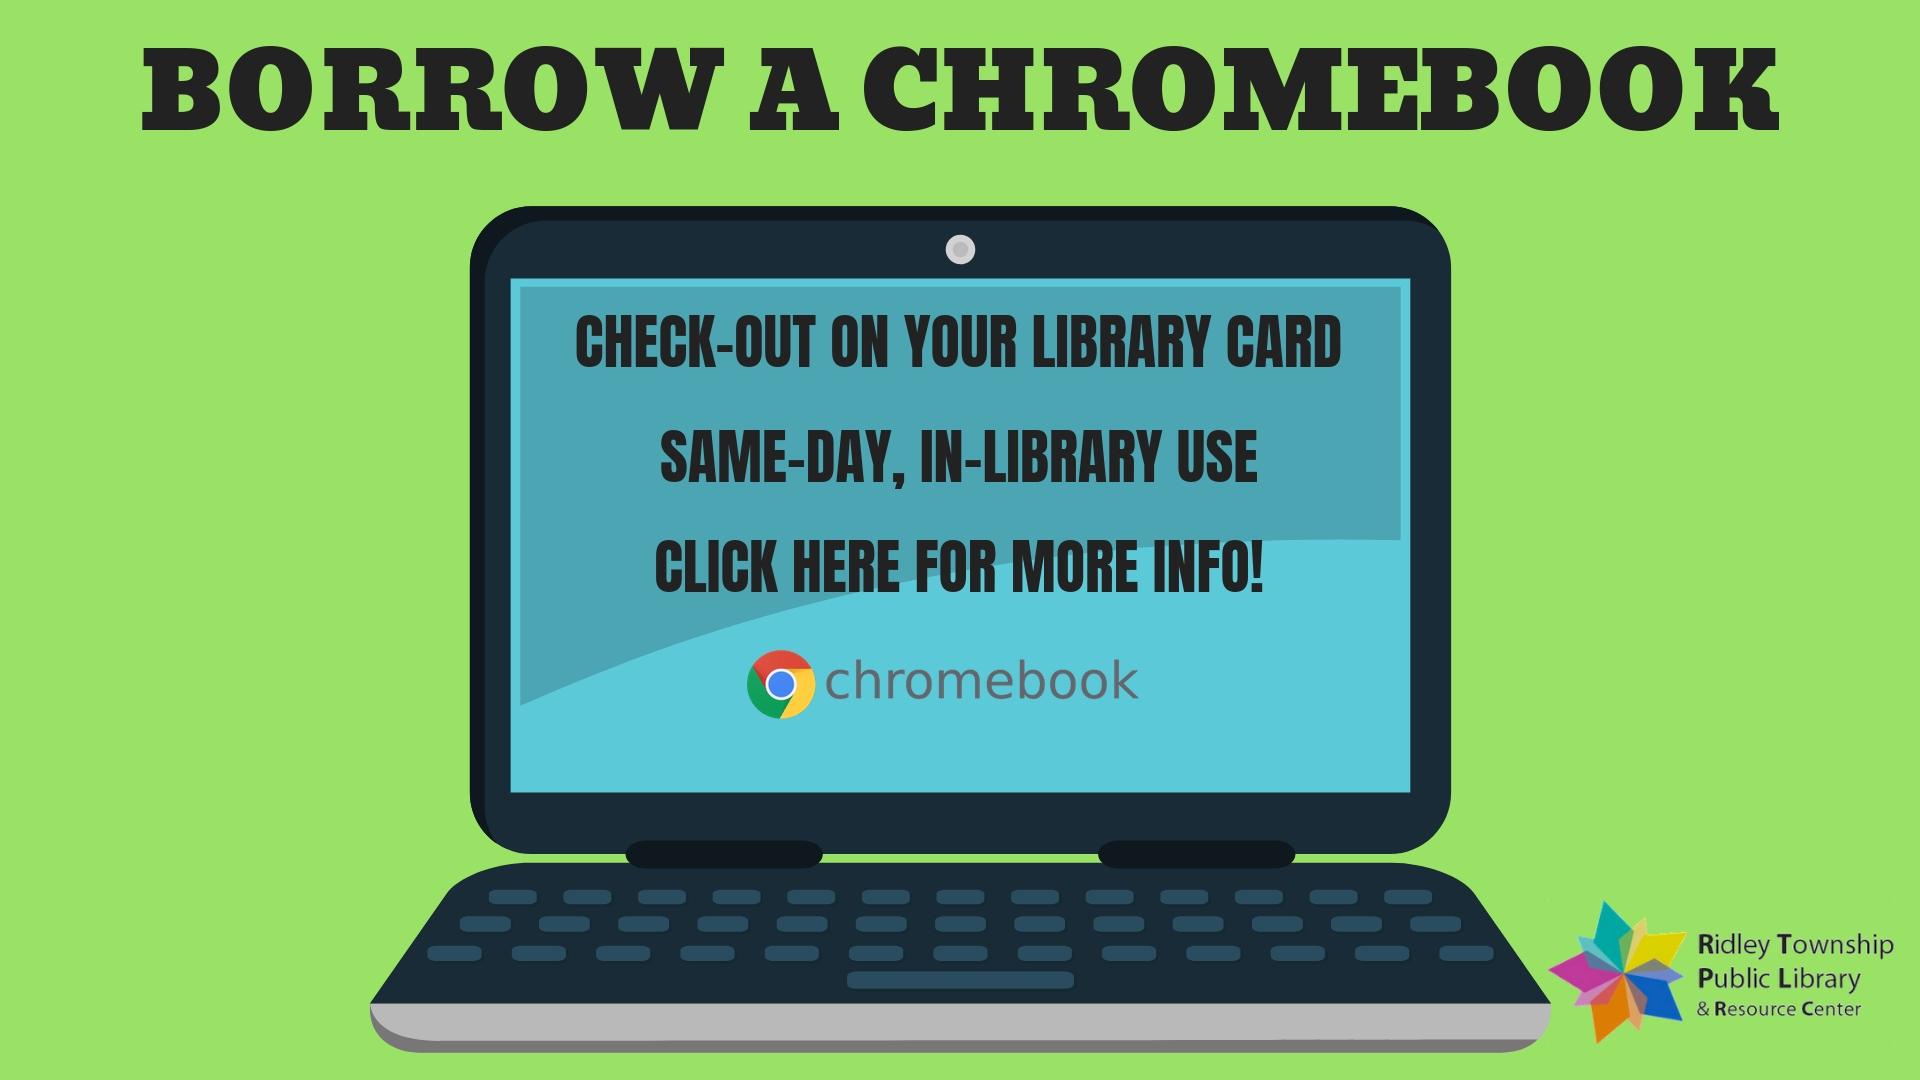 BORROW A CHROMBOOK-WEB